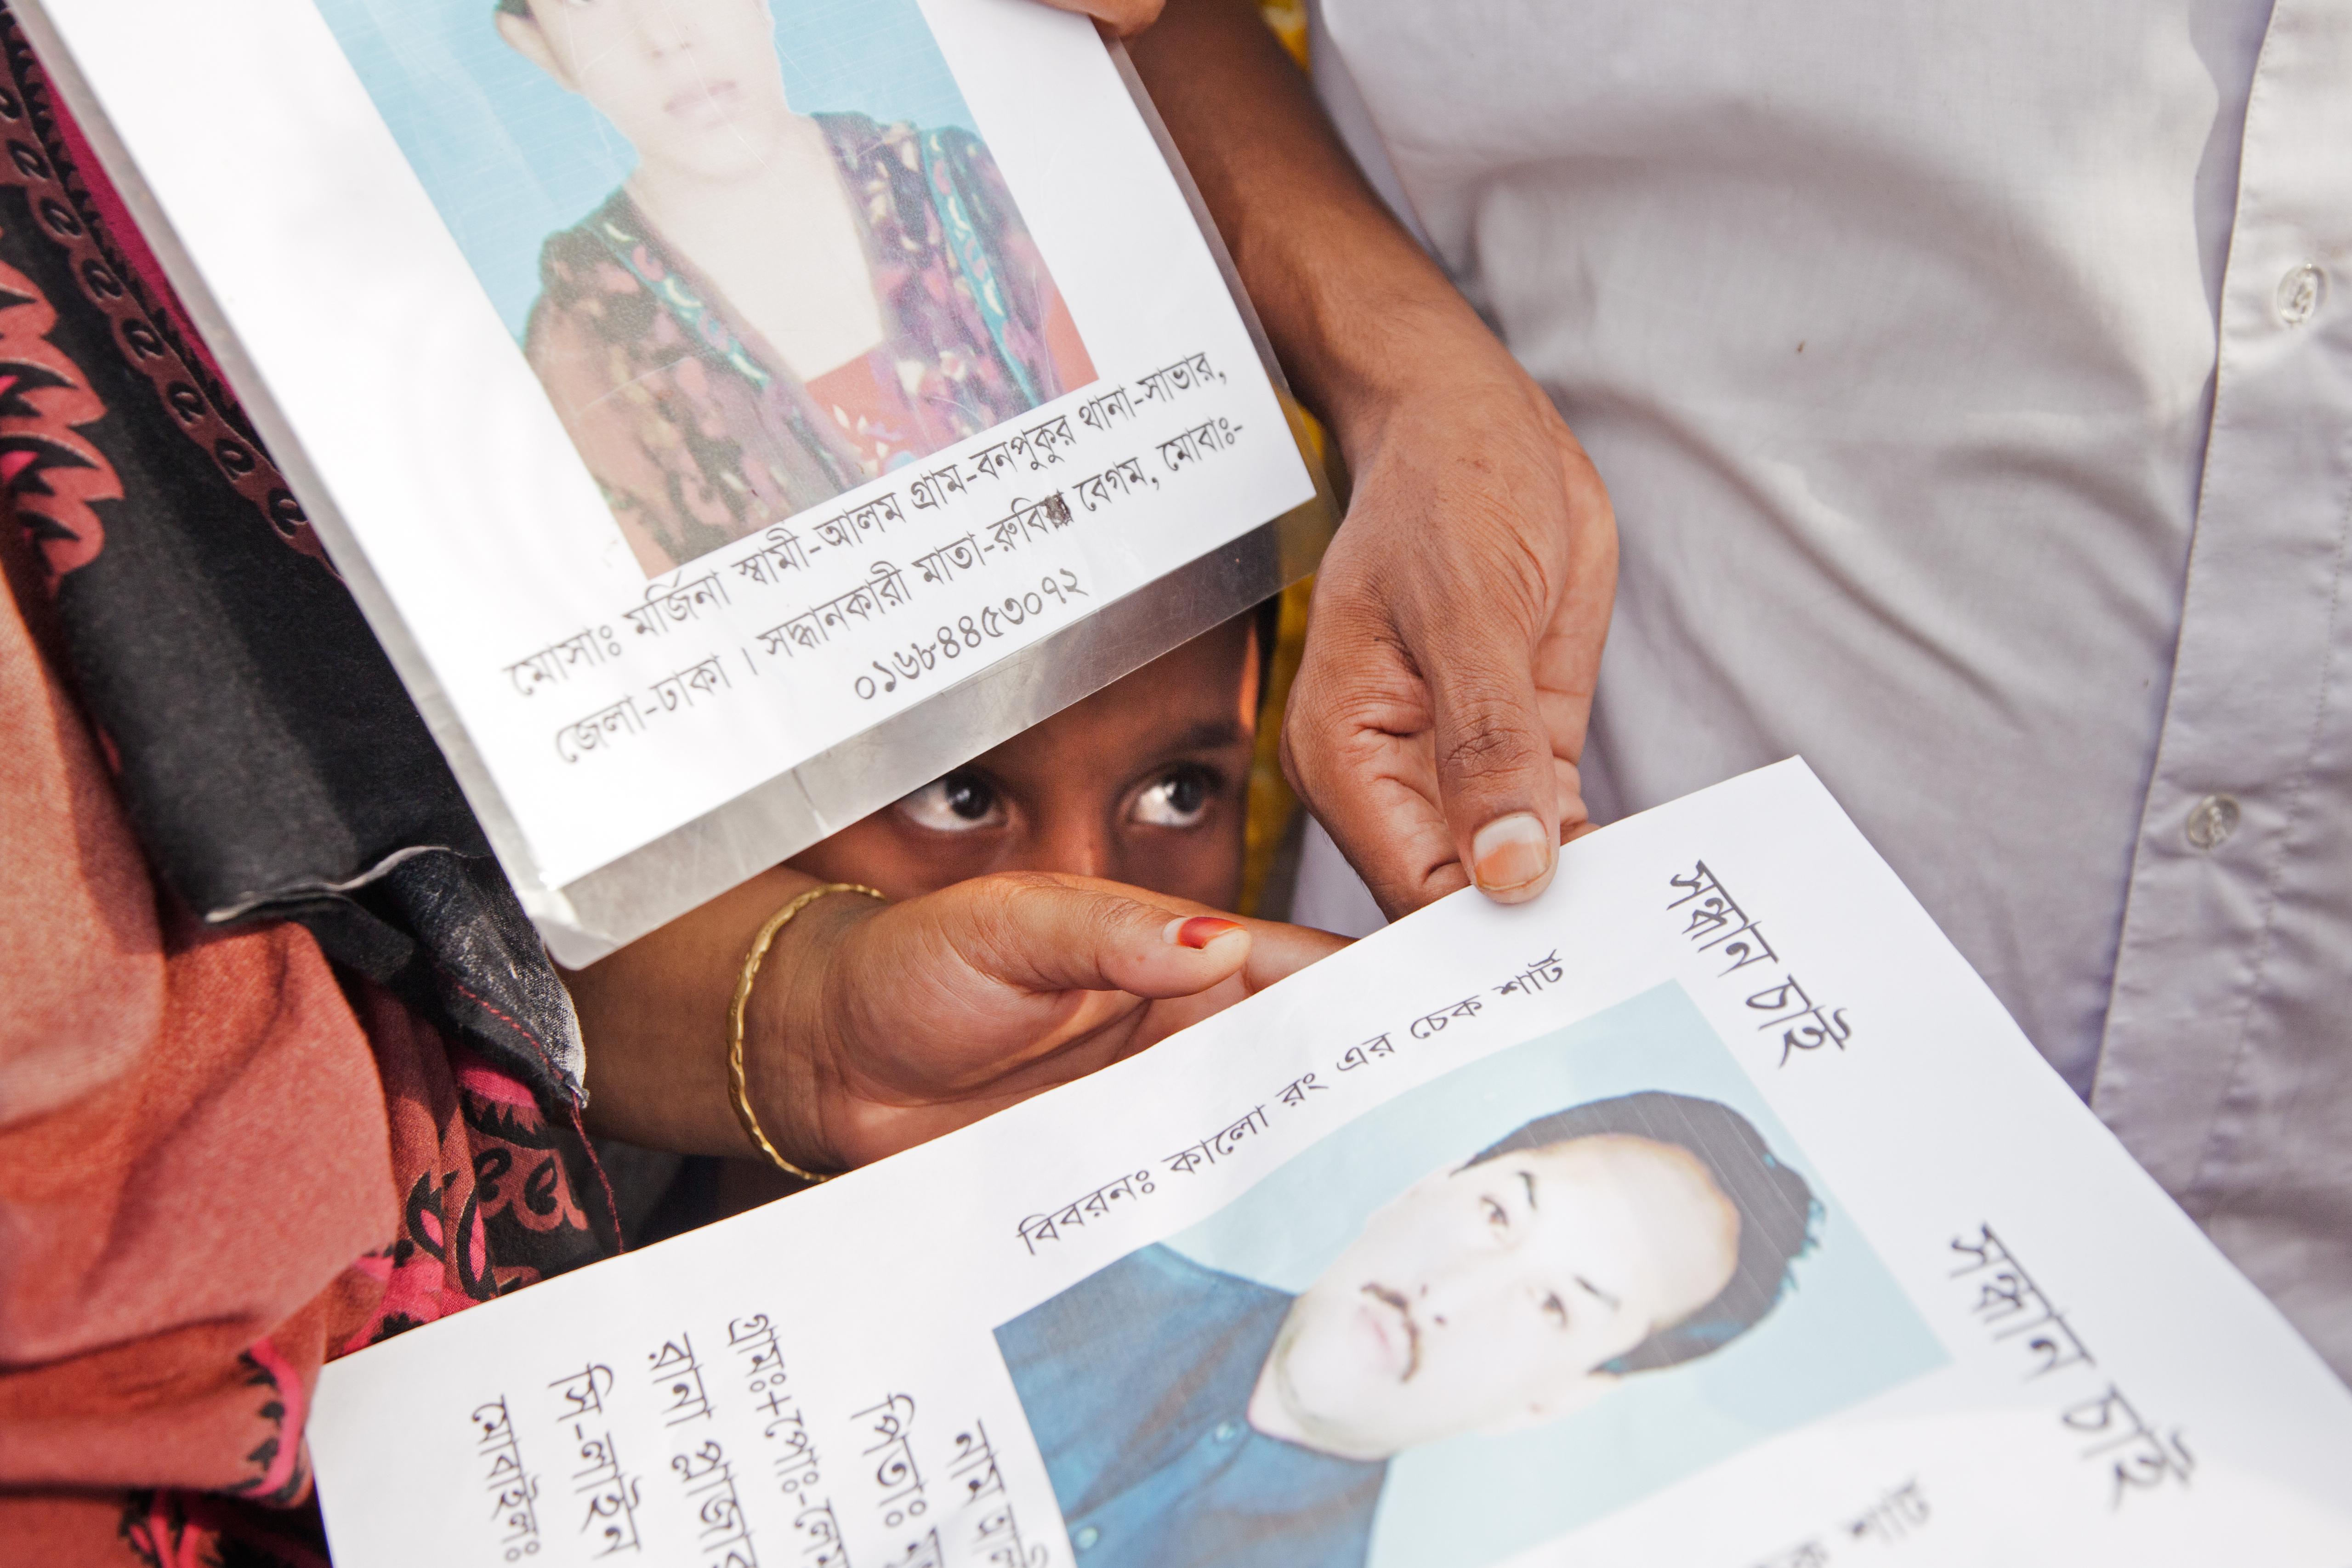 Vlakbij de ingestorte fabriek (Rana Plaza) liggen de lichamen van de dodelijke slachtoffers in lange rijen. Nabestaande zoeken wanhopig naar hun familie leden.